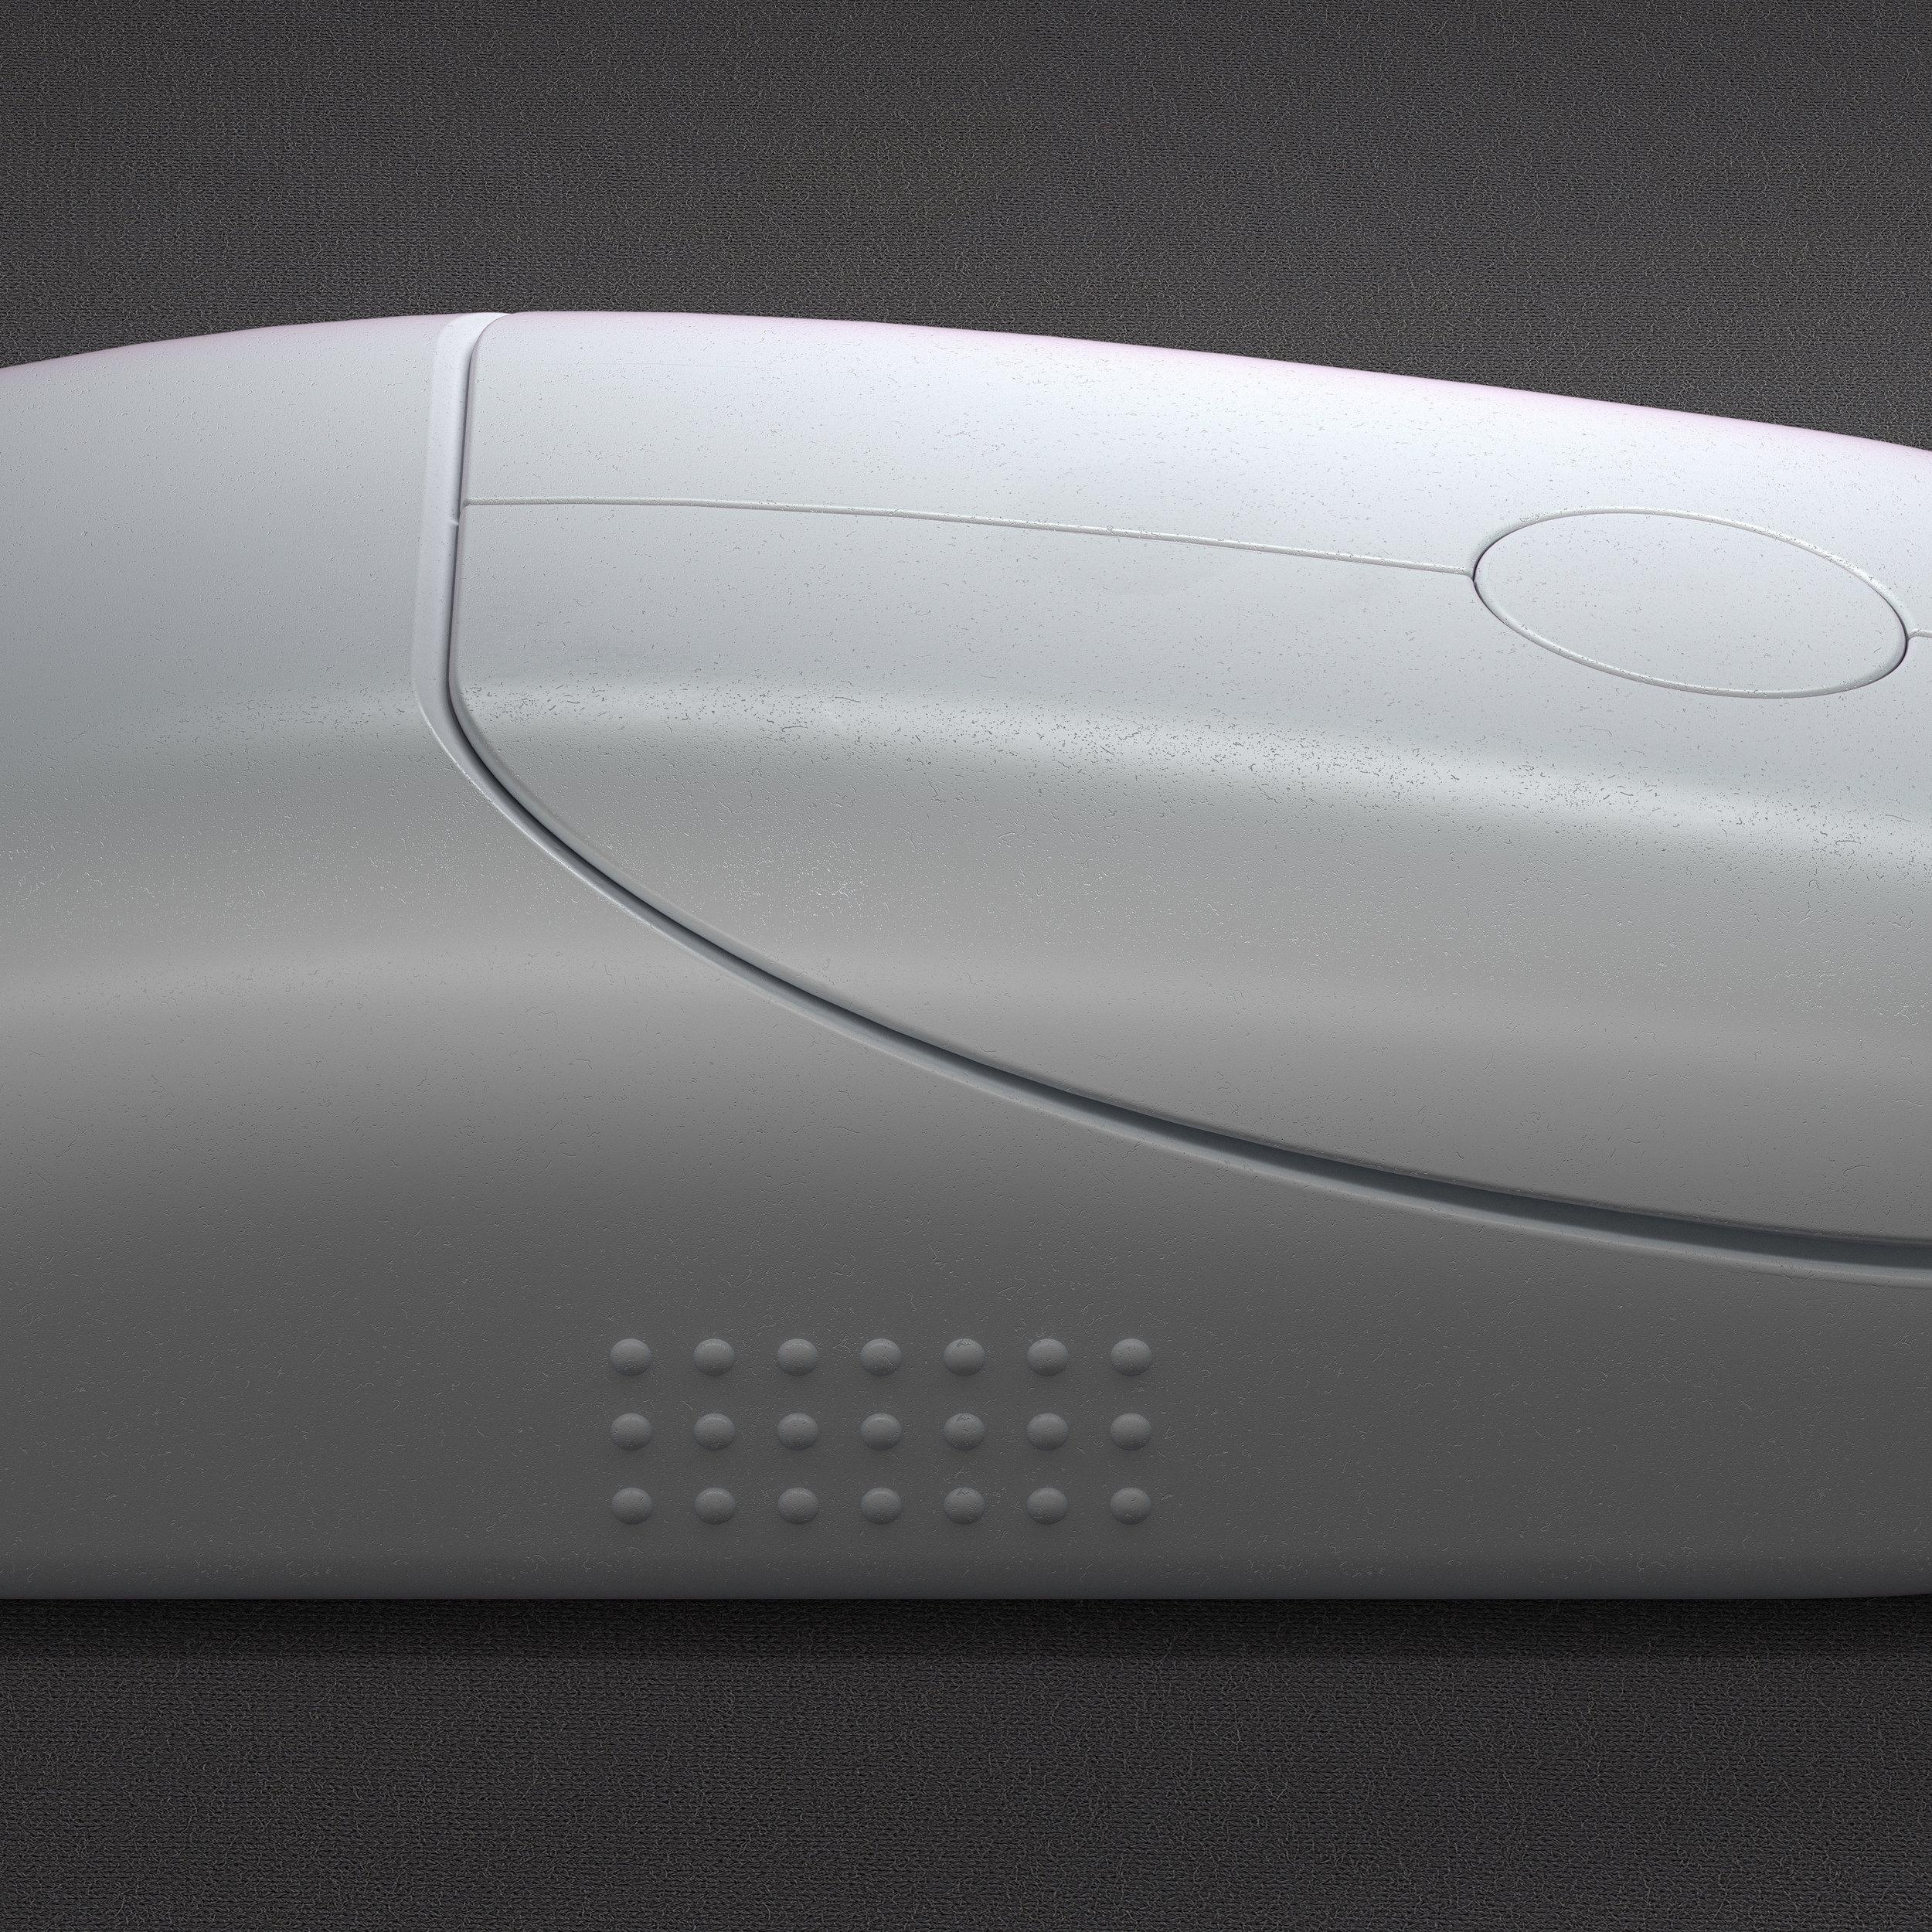 M1_Mouse.R01.V01.04.jpg